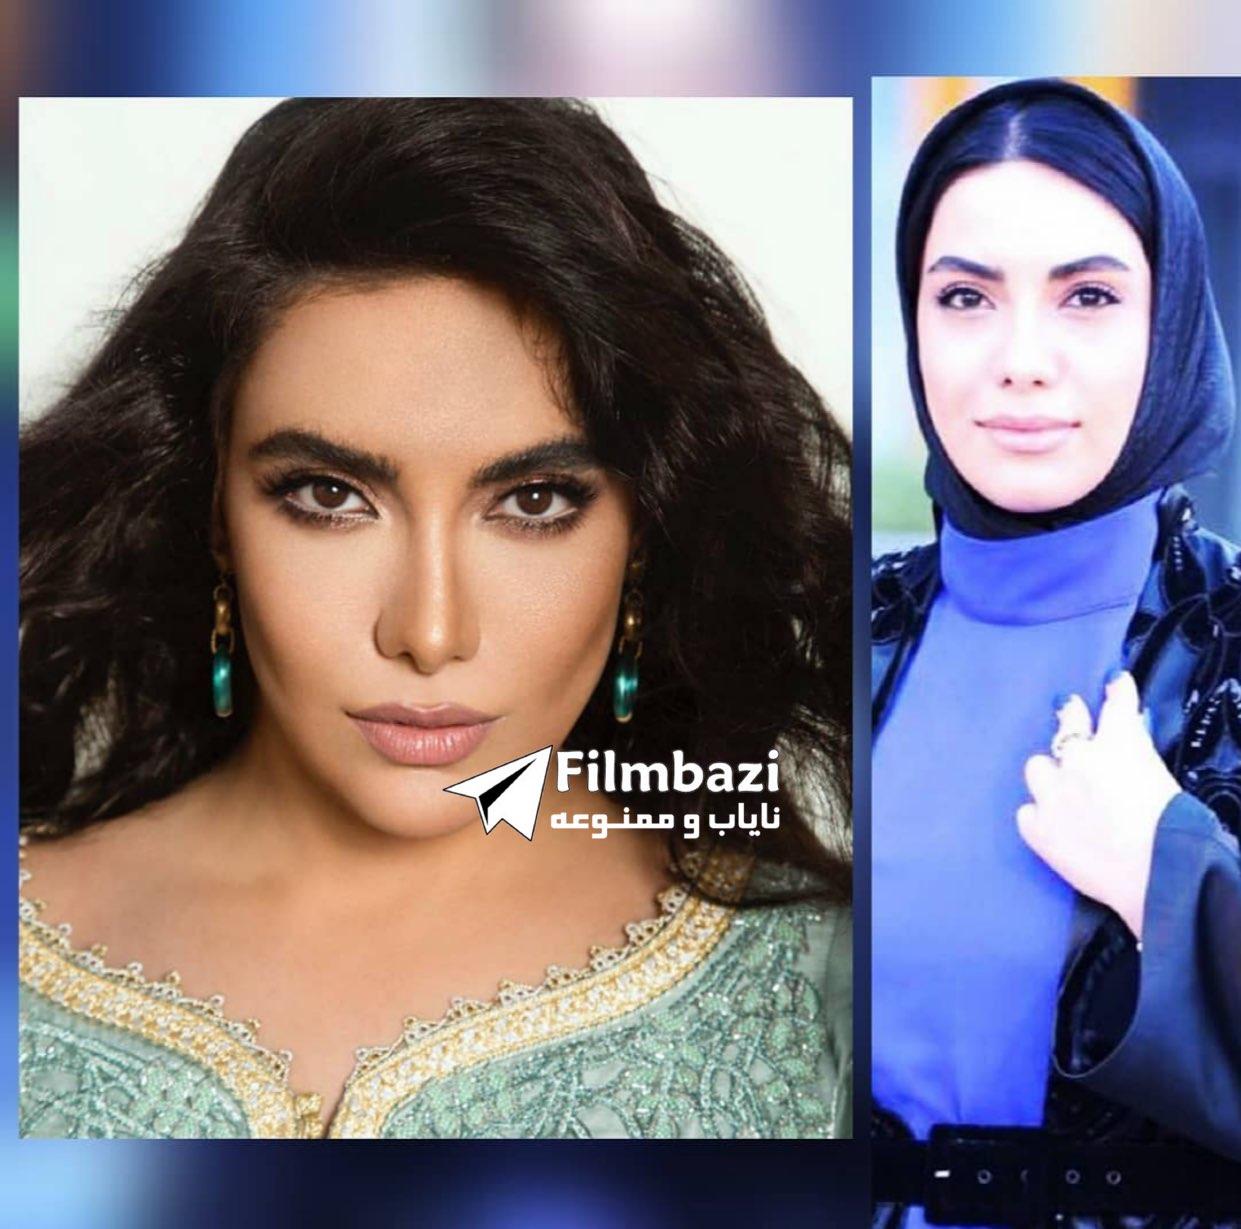 عکس لورفته الهه فرشچی بعد از کشف حجاب